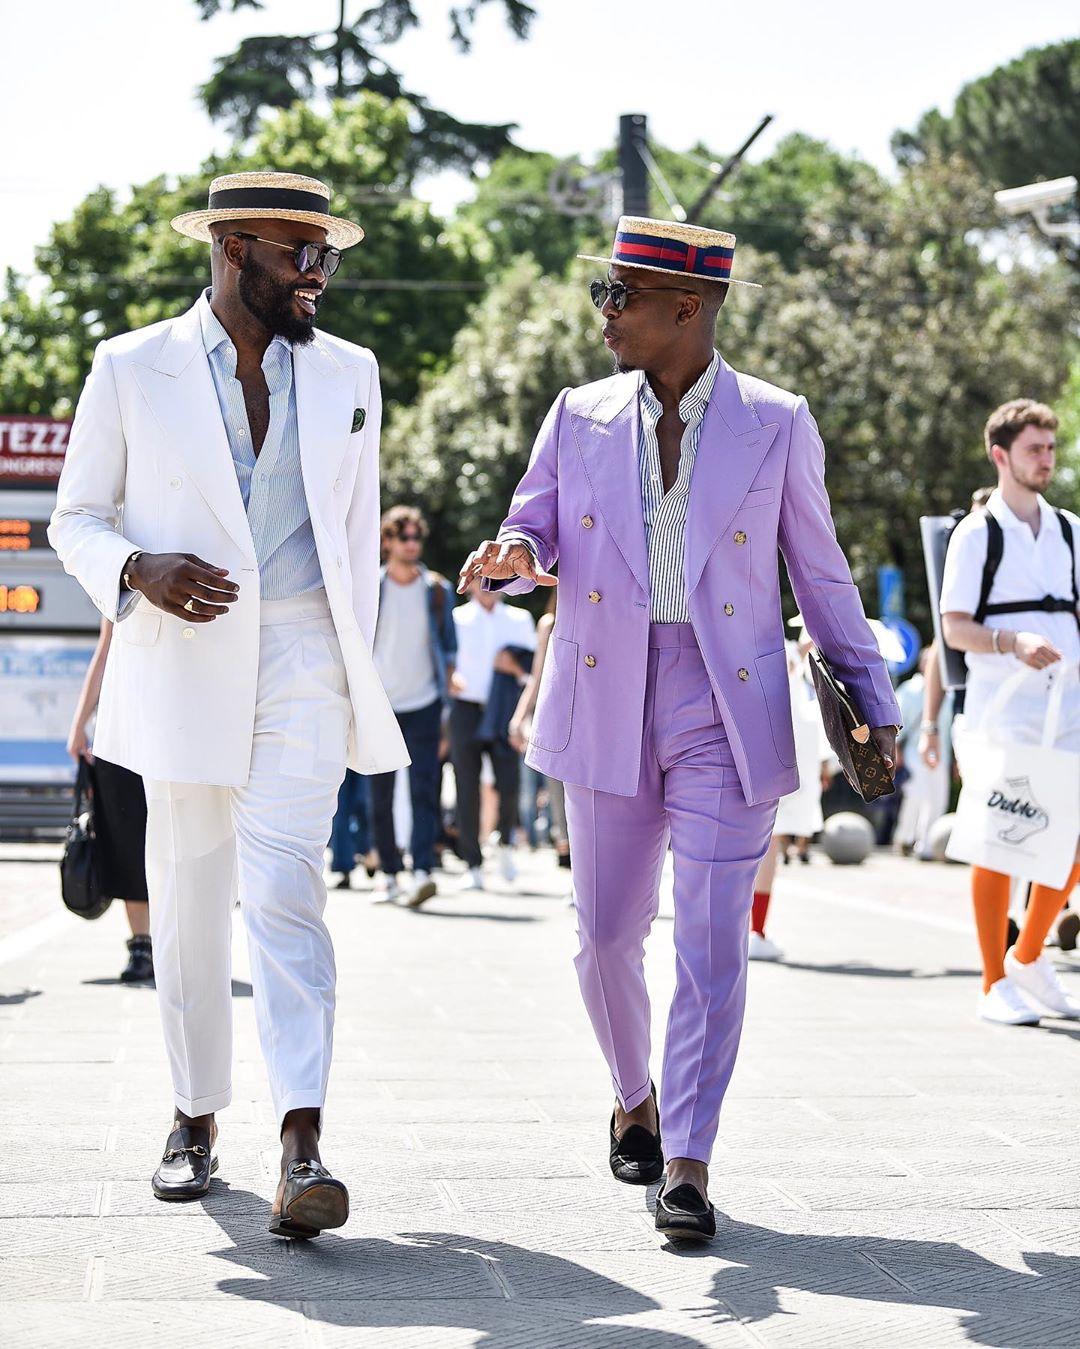 Gabriel Akinosho (right) and Otunba Lado of AGO. Watch